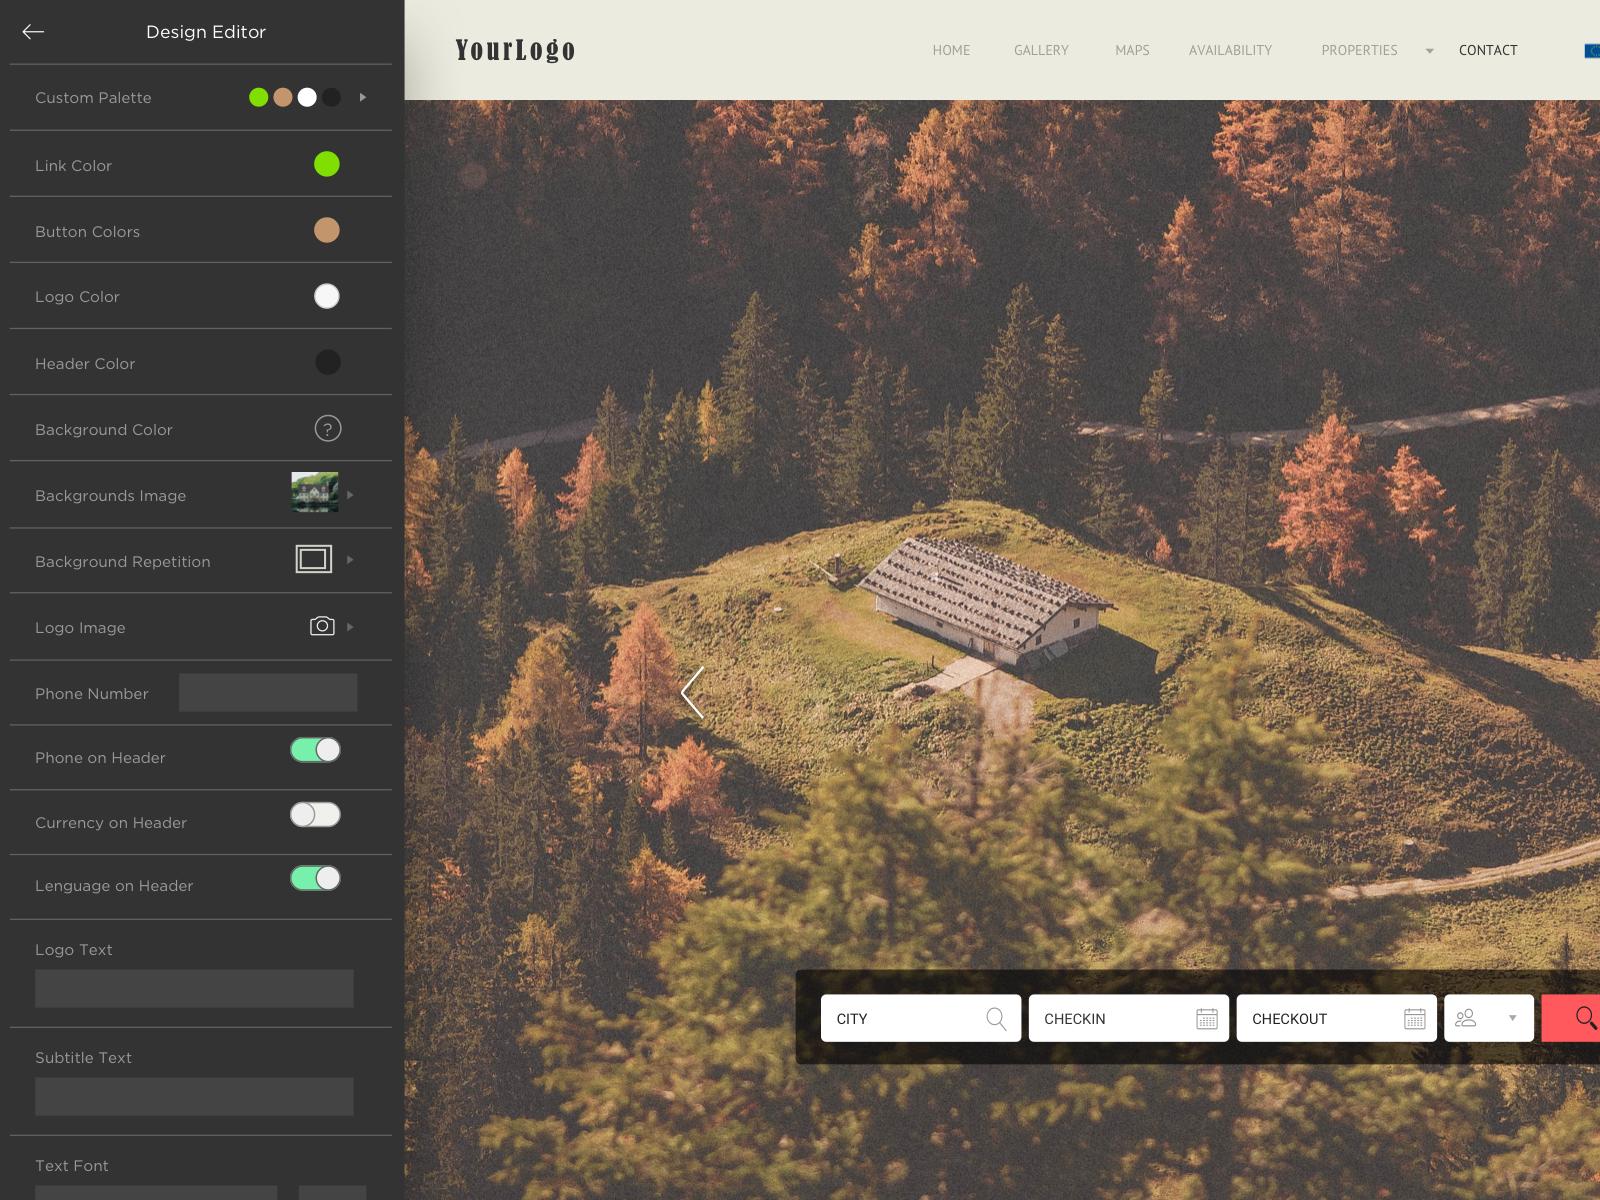 Lodgify Software - Dashboard